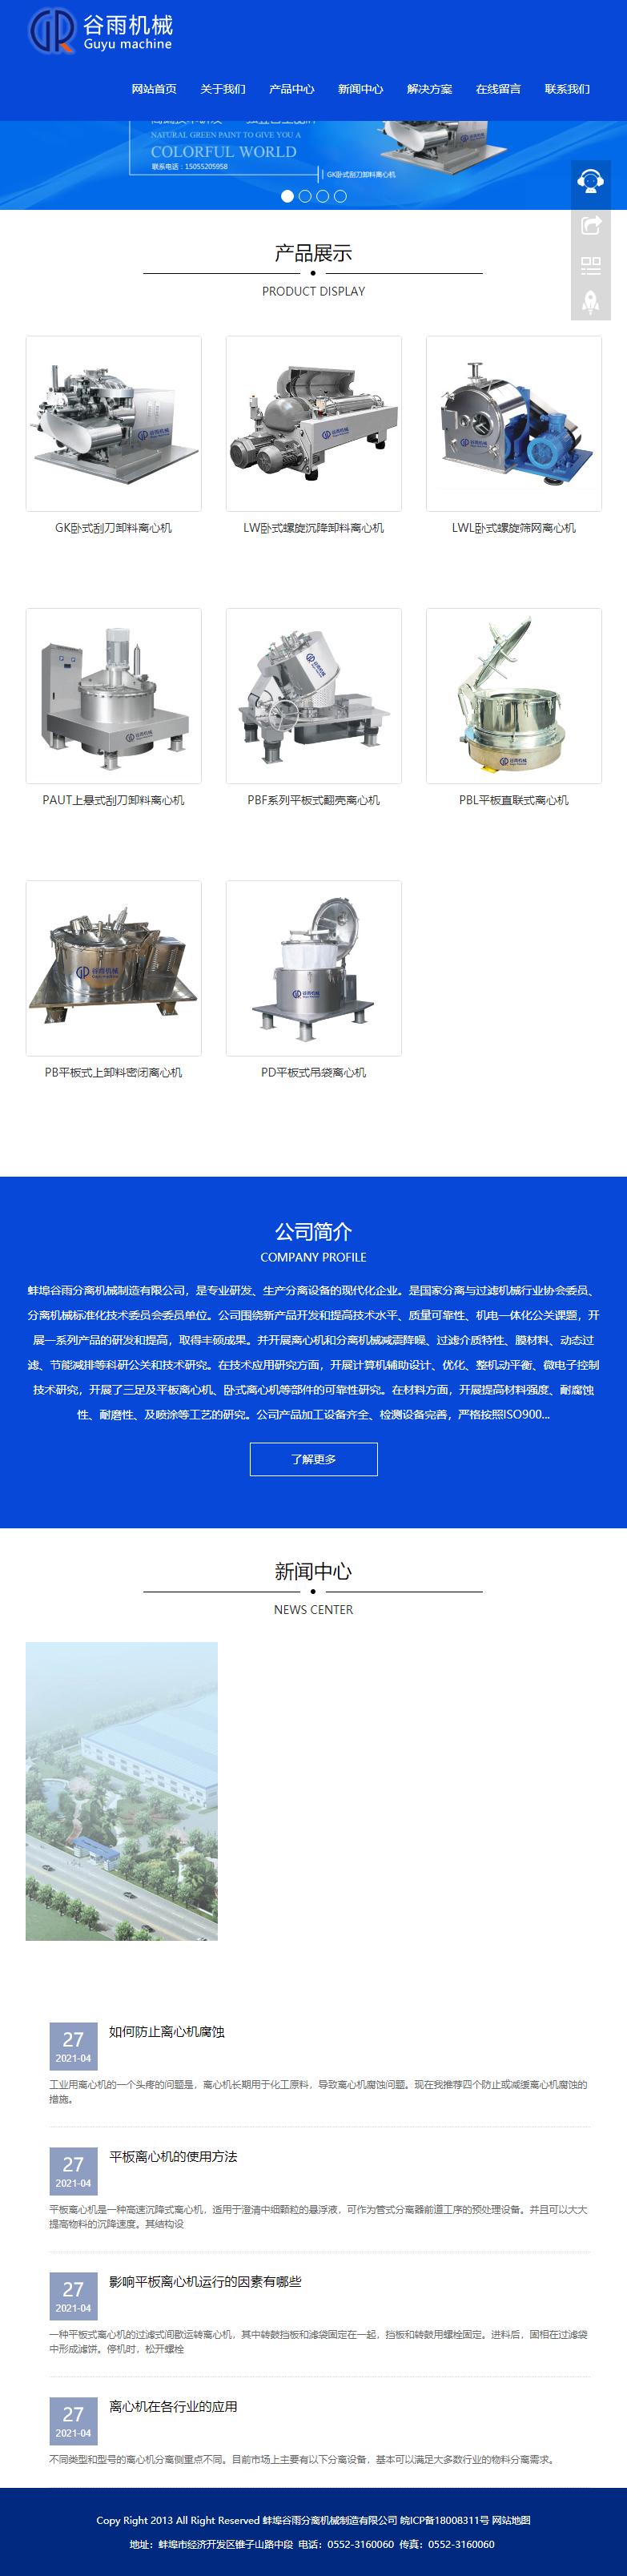 蚌埠谷雨分离机械制造有限公司网站案例